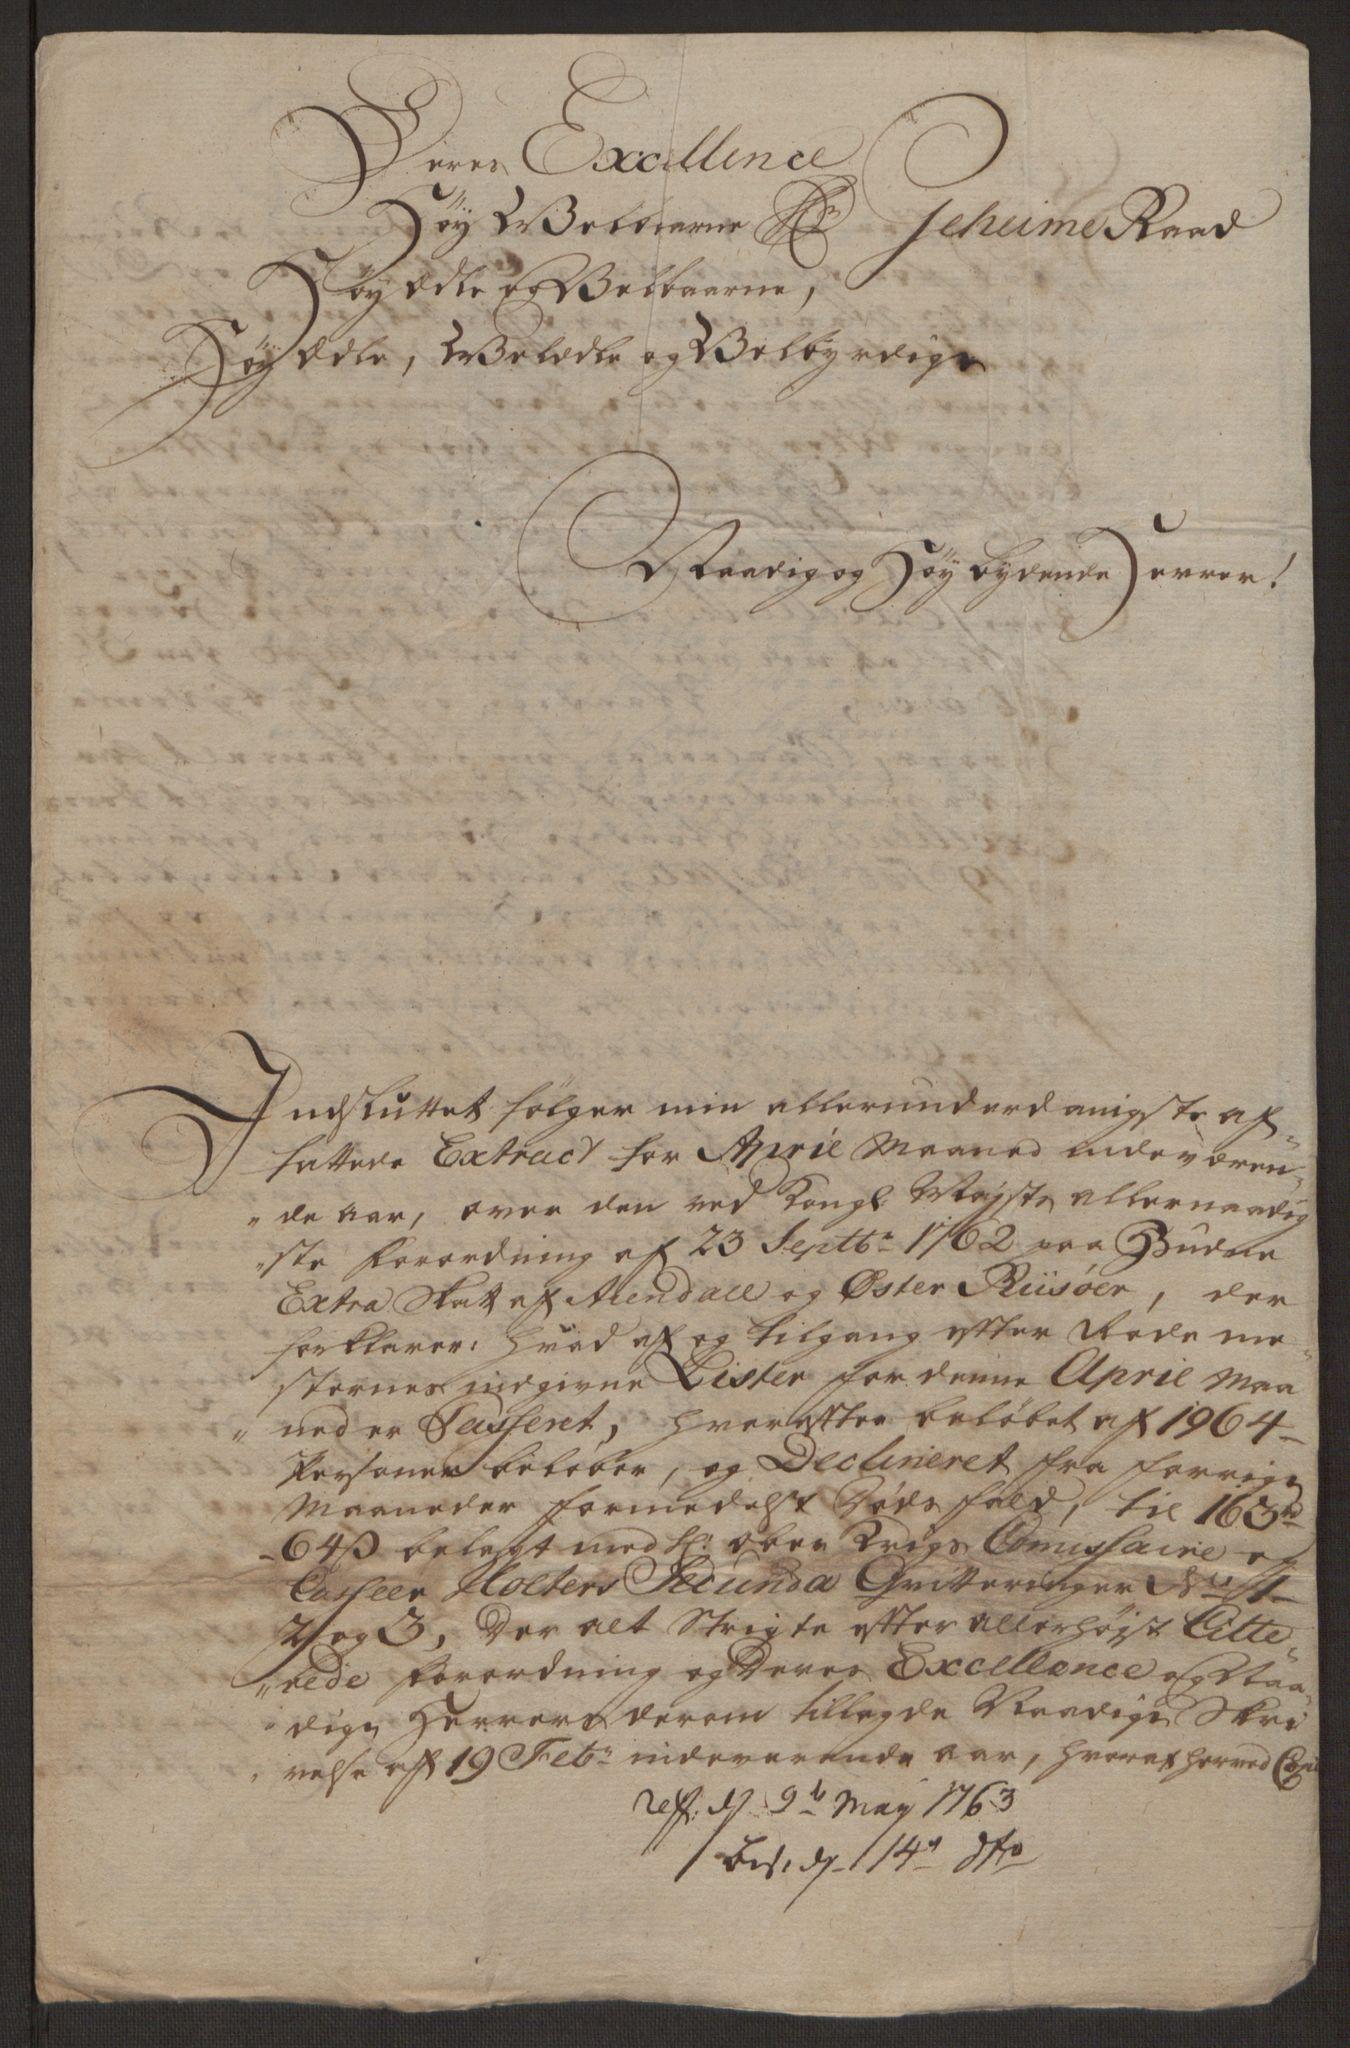 RA, Rentekammeret inntil 1814, Reviderte regnskaper, Byregnskaper, R/Rl/L0230: [L4] Kontribusjonsregnskap, 1762-1764, s. 387